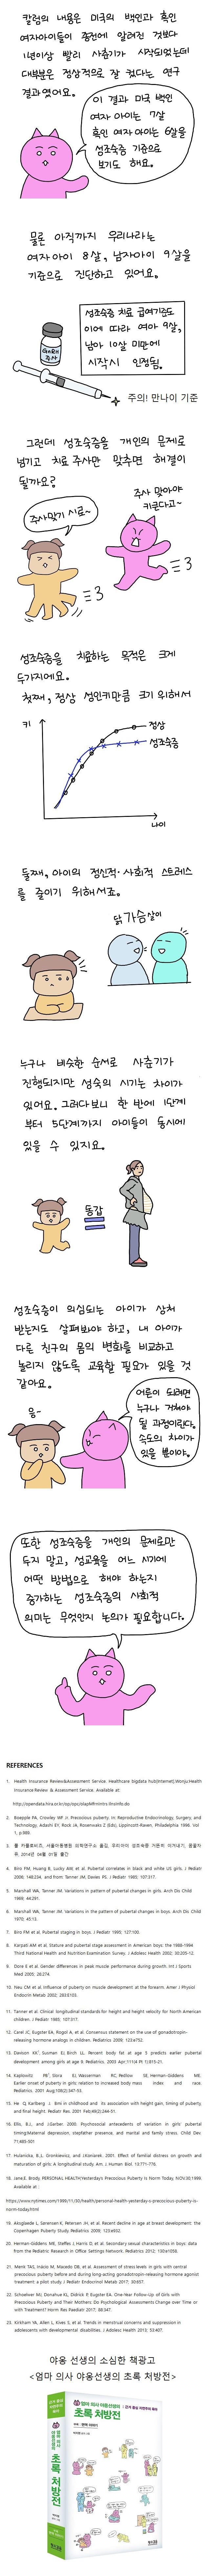 20180420_성조숙증_(2)_1.JPG